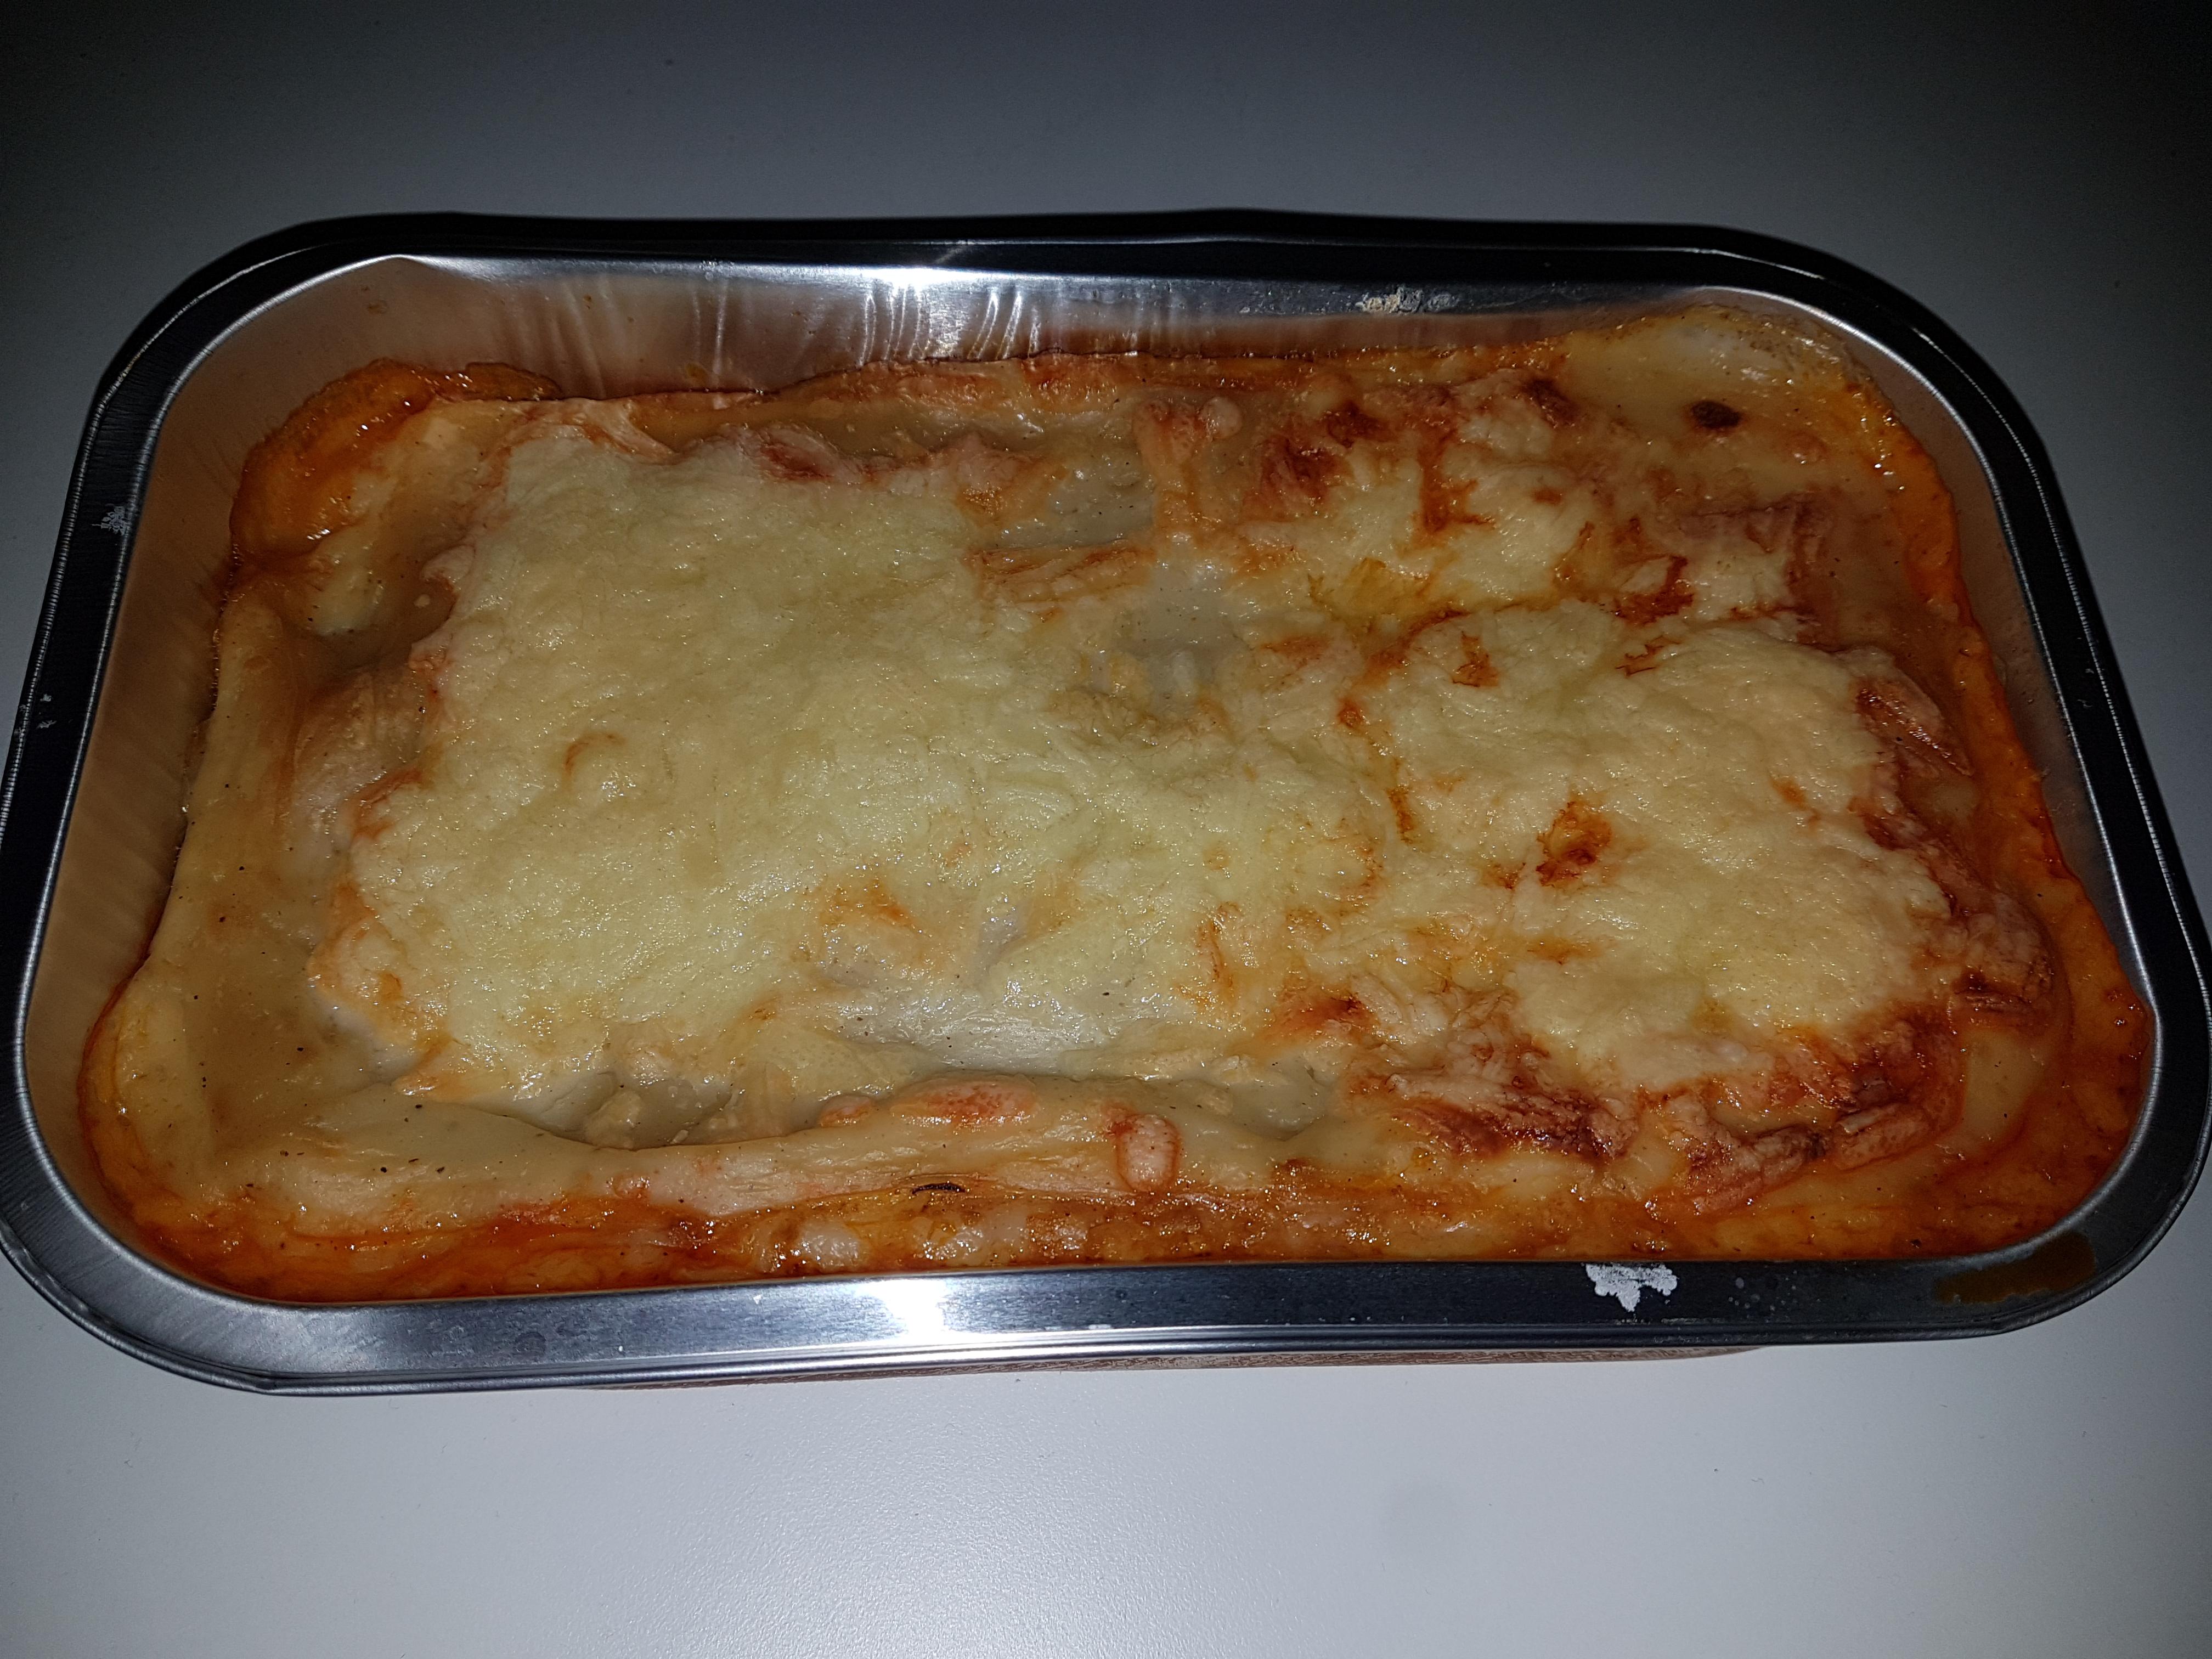 http://foodloader.net/Holz_2018-01-06_Lasagne.jpg